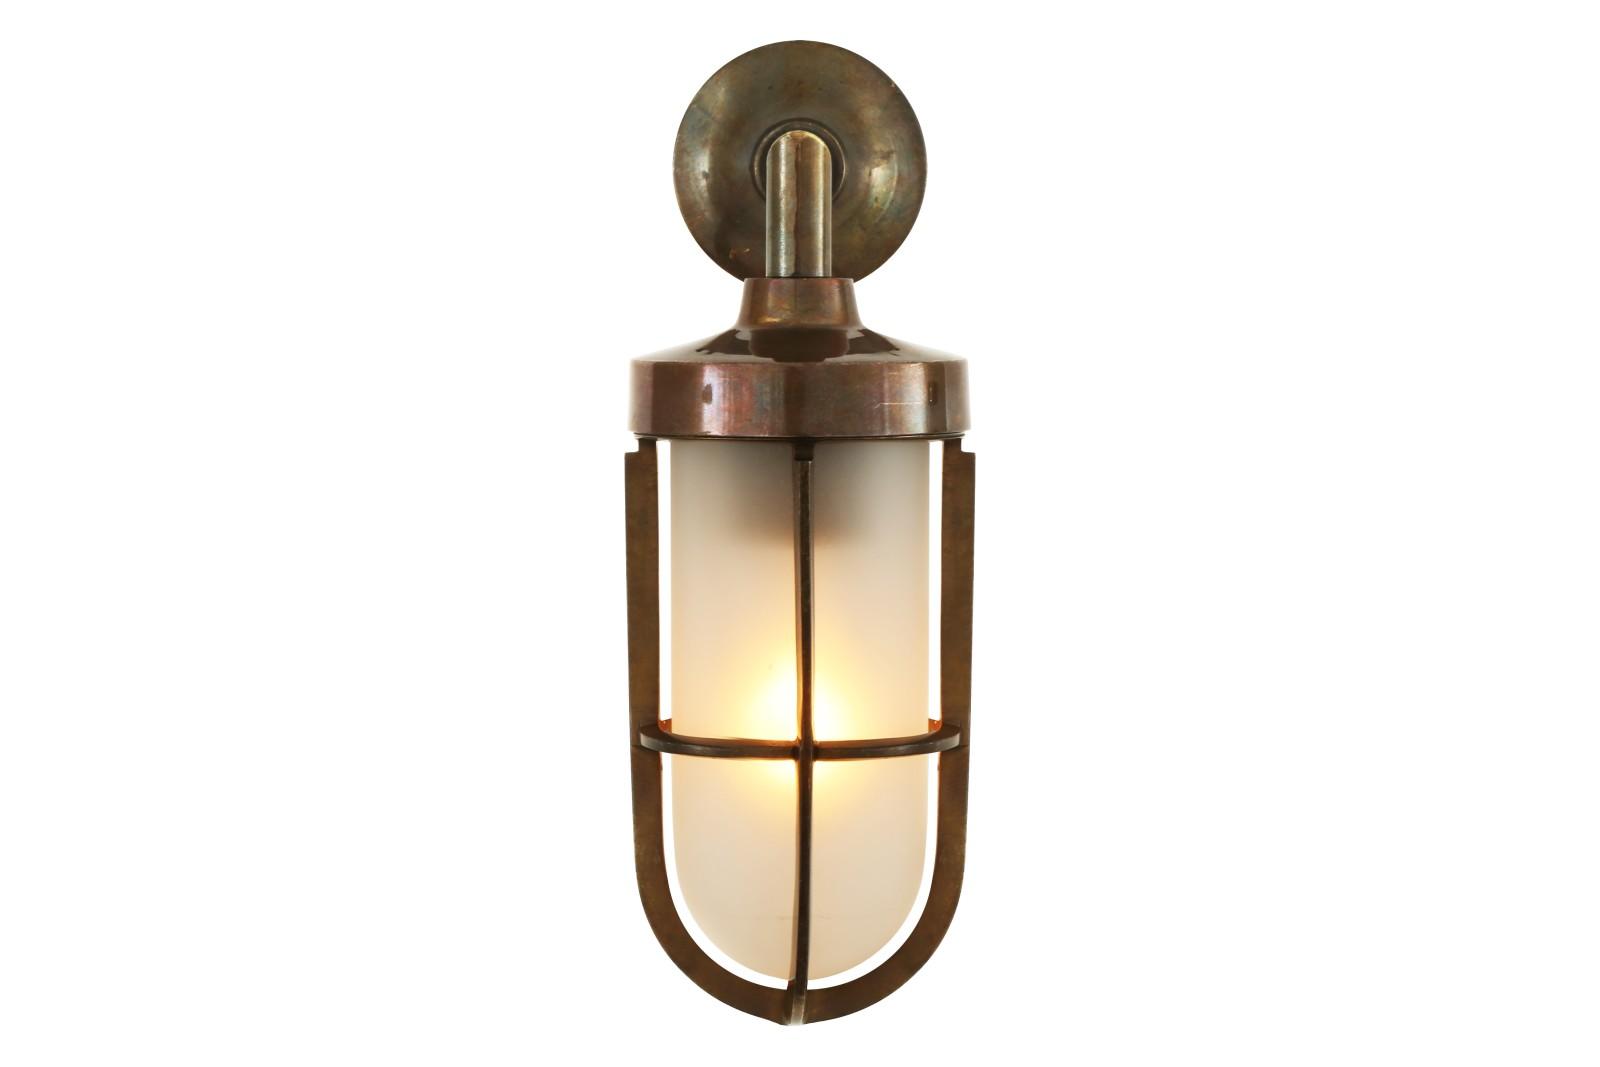 Cladach Brass Well Glass Wall Light Satin Brass, Frosted Glass